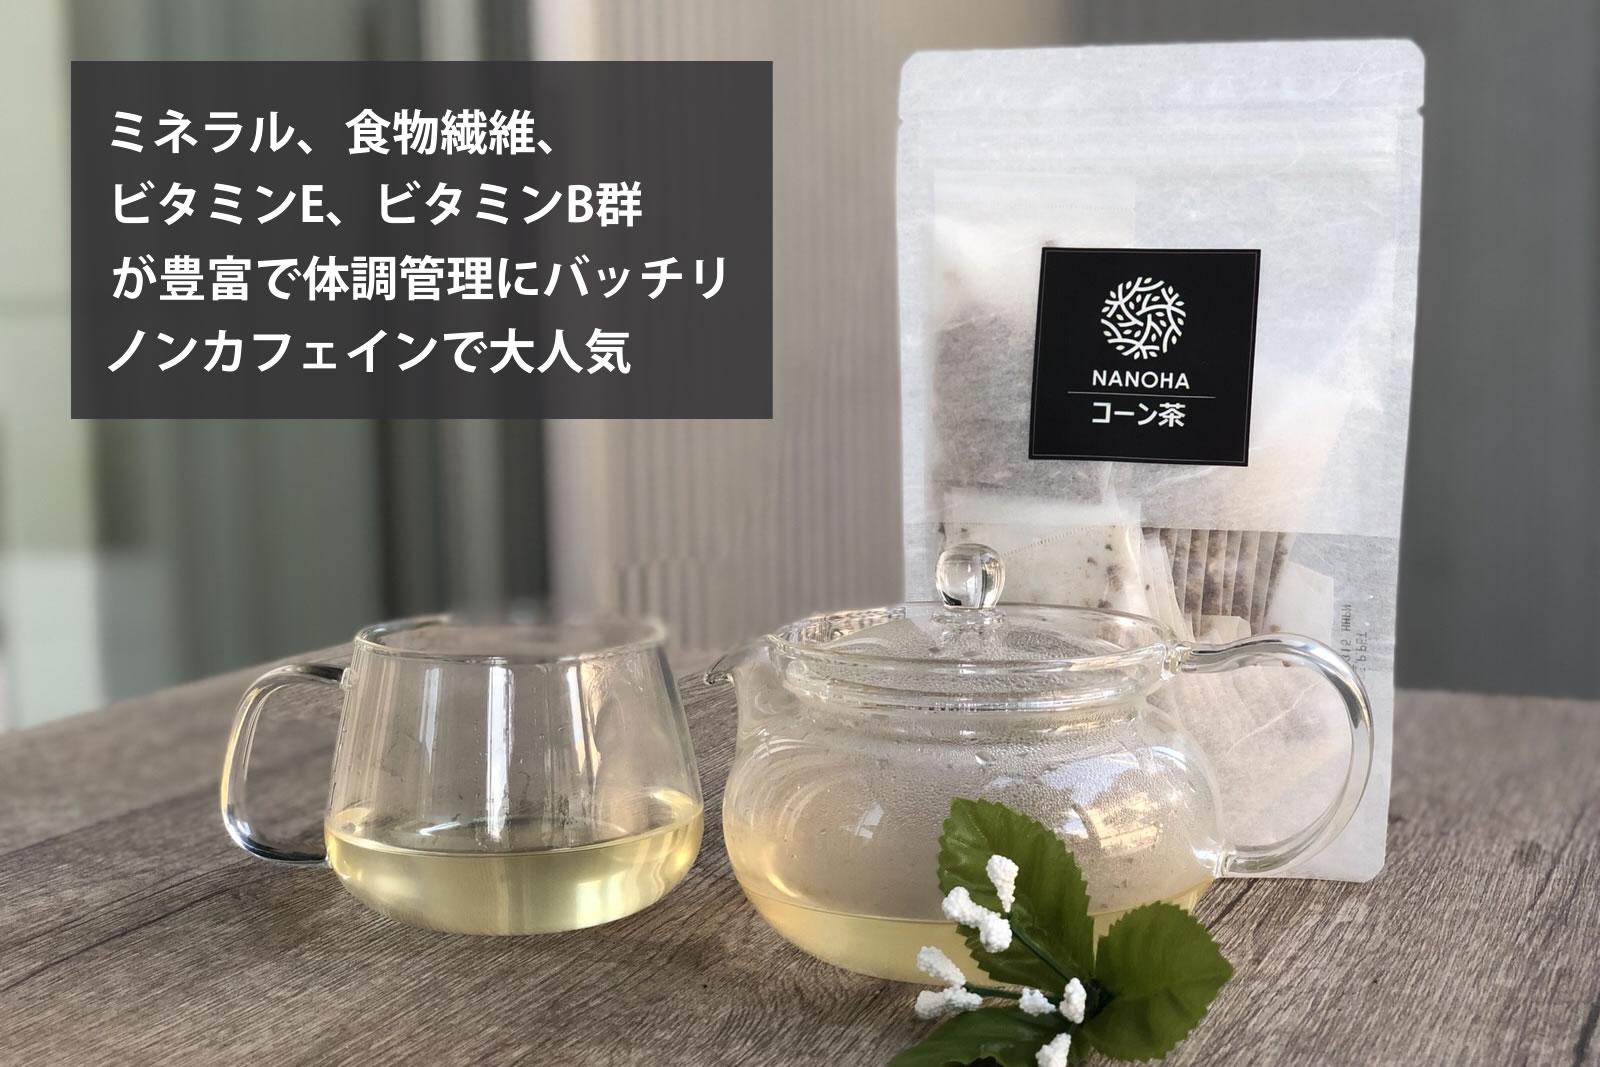 コーン茶の詳細情報